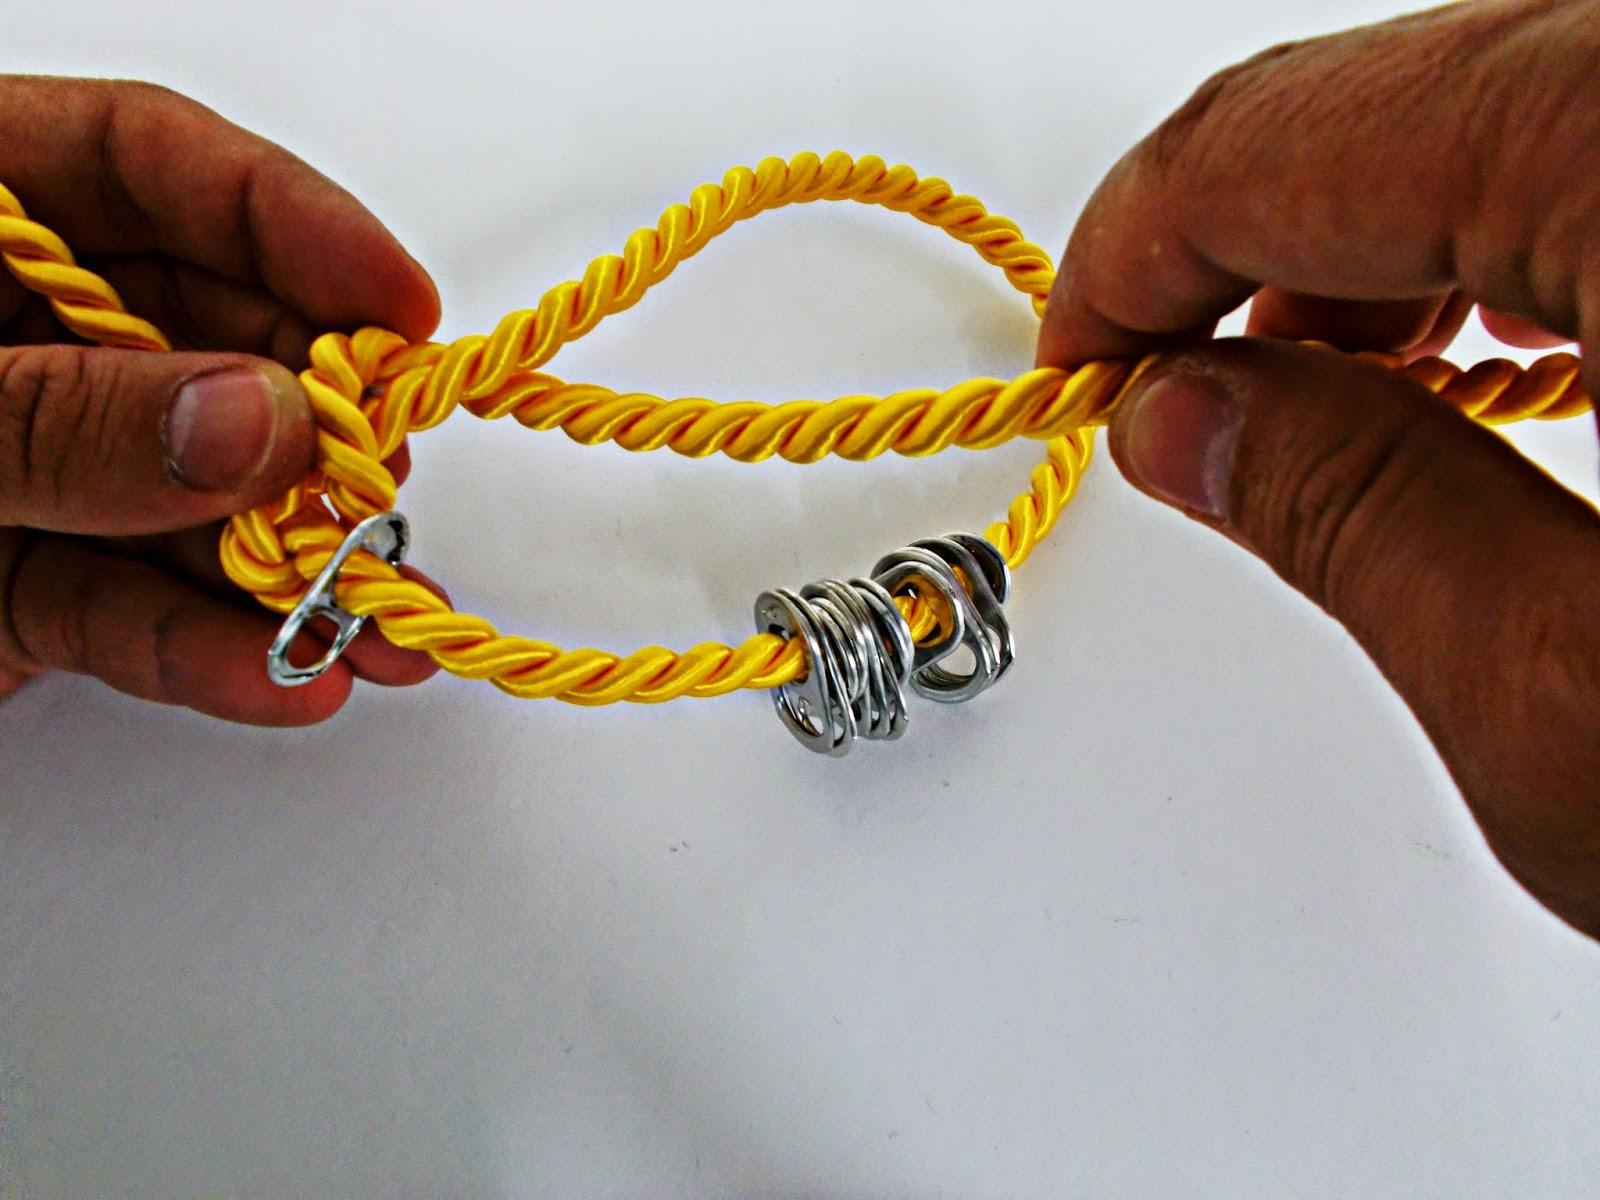 DIY-collar nudos-bisutería-hebillas refrescos-reciclar-reutilizar-4